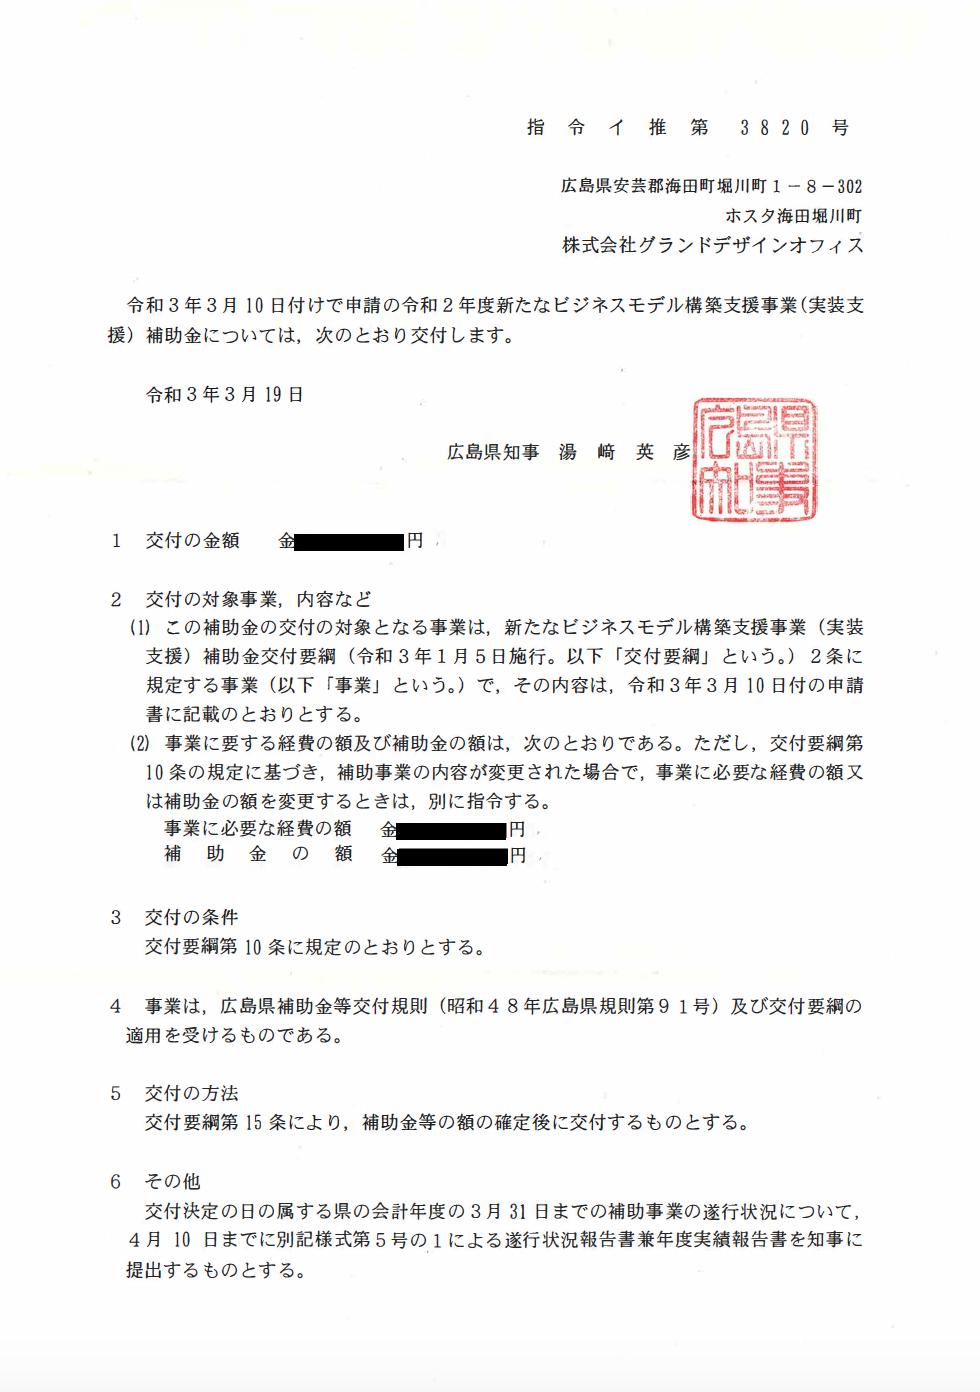 広島県ビジネスモデル構築支援事業交付決定通知書